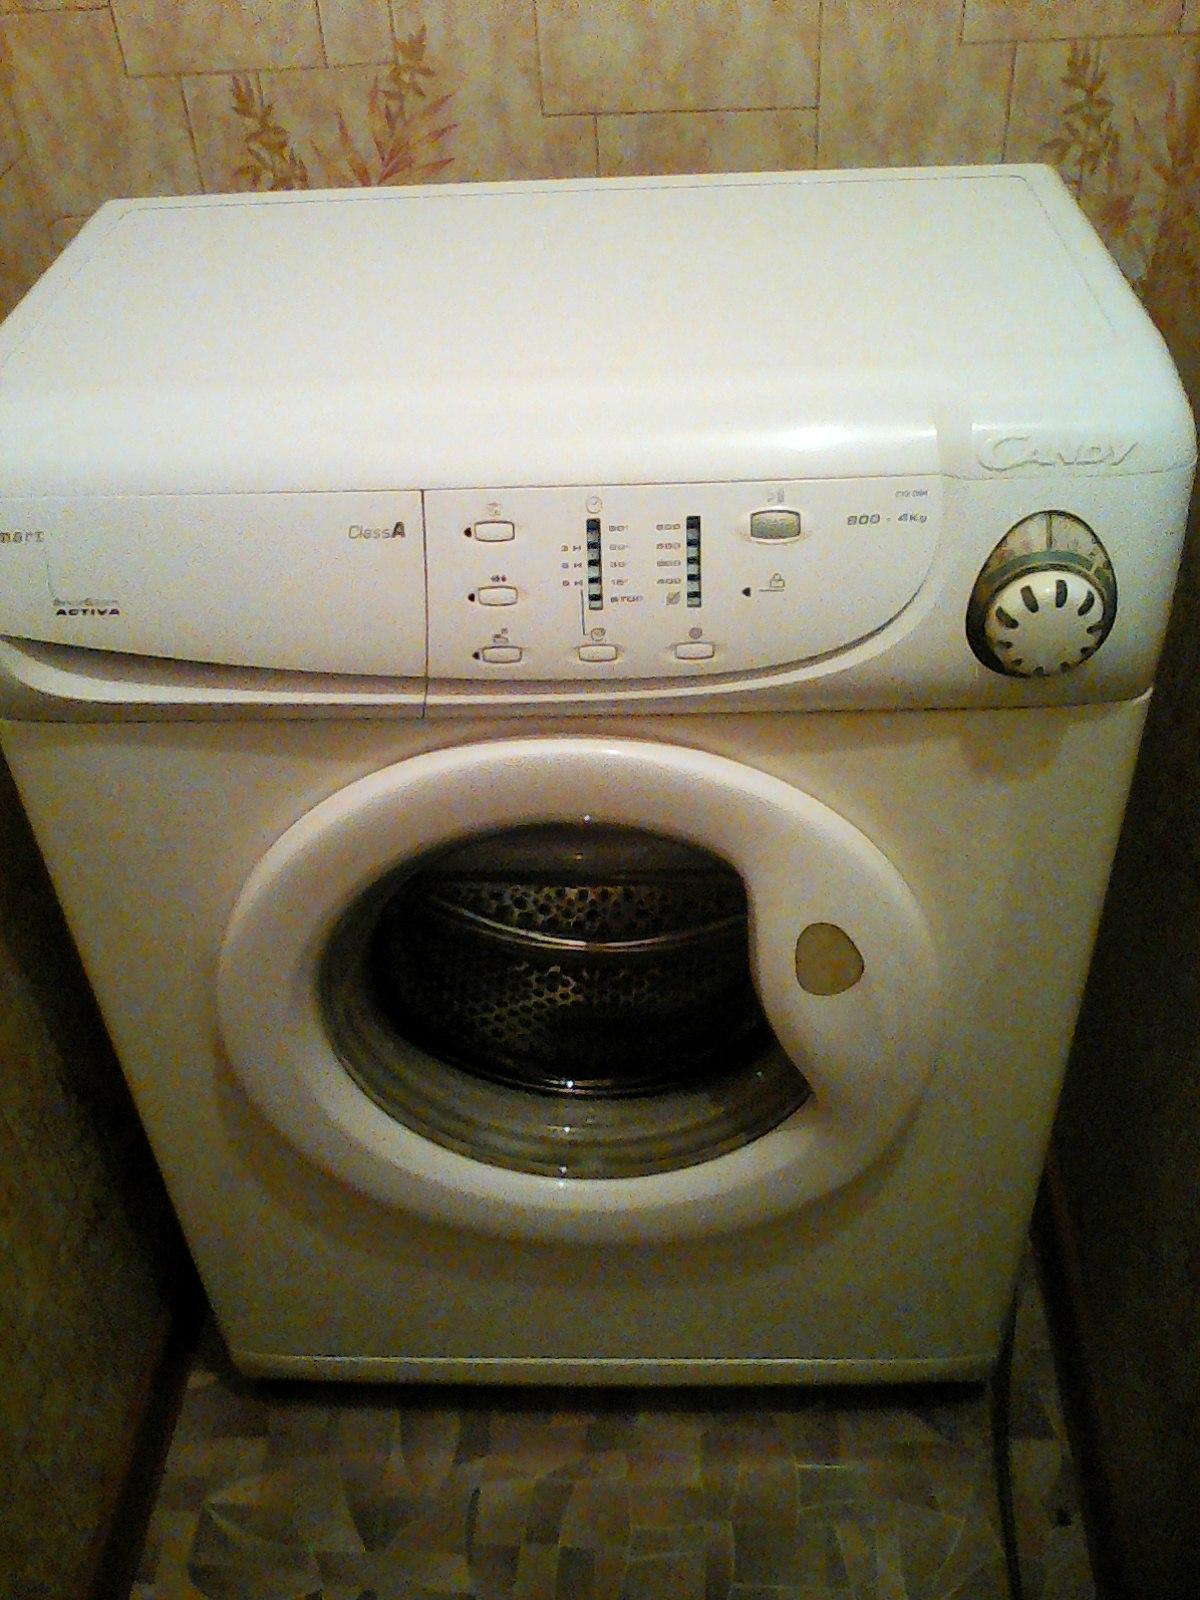 Автоматическая стиральная машина Candy CY2 084